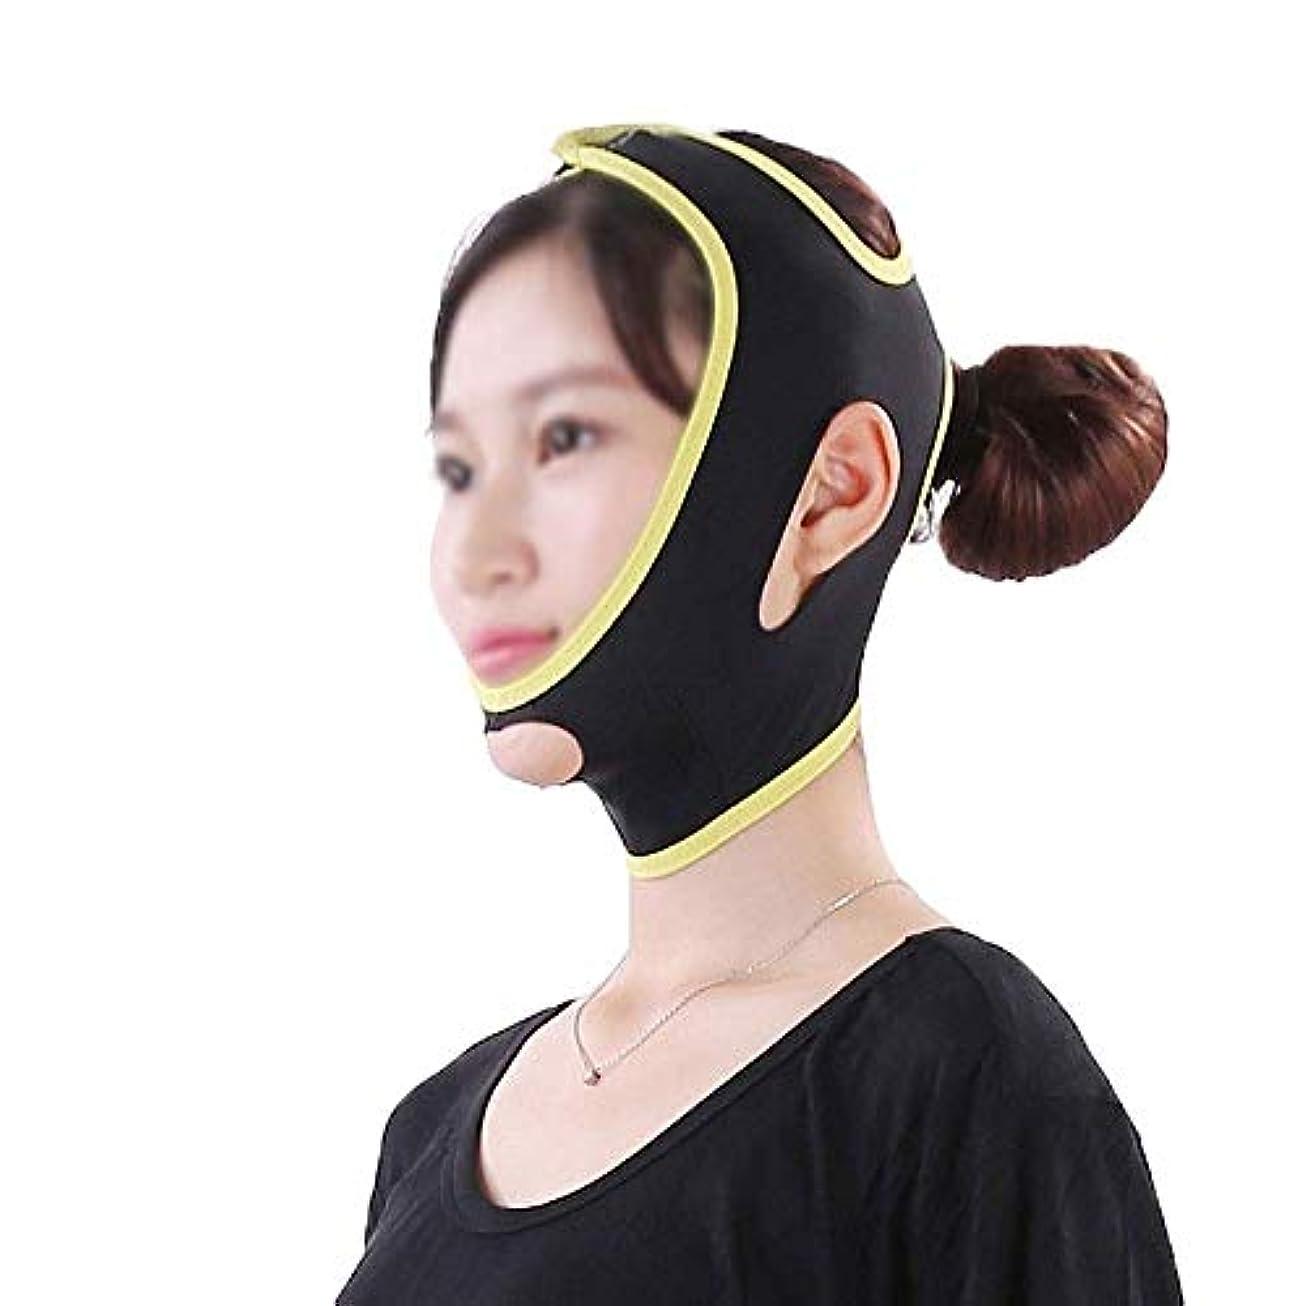 おとうさん安全でない宣伝フェイス&ネックリフト、フェイスリフトマスク強力なフェイスマスクフェイスリフトアーティファクトフェイスリフティングフェイスリフティングツールフェイスリフティング包帯シンフェイスマスク美容マスク(サイズ:L),ザ?